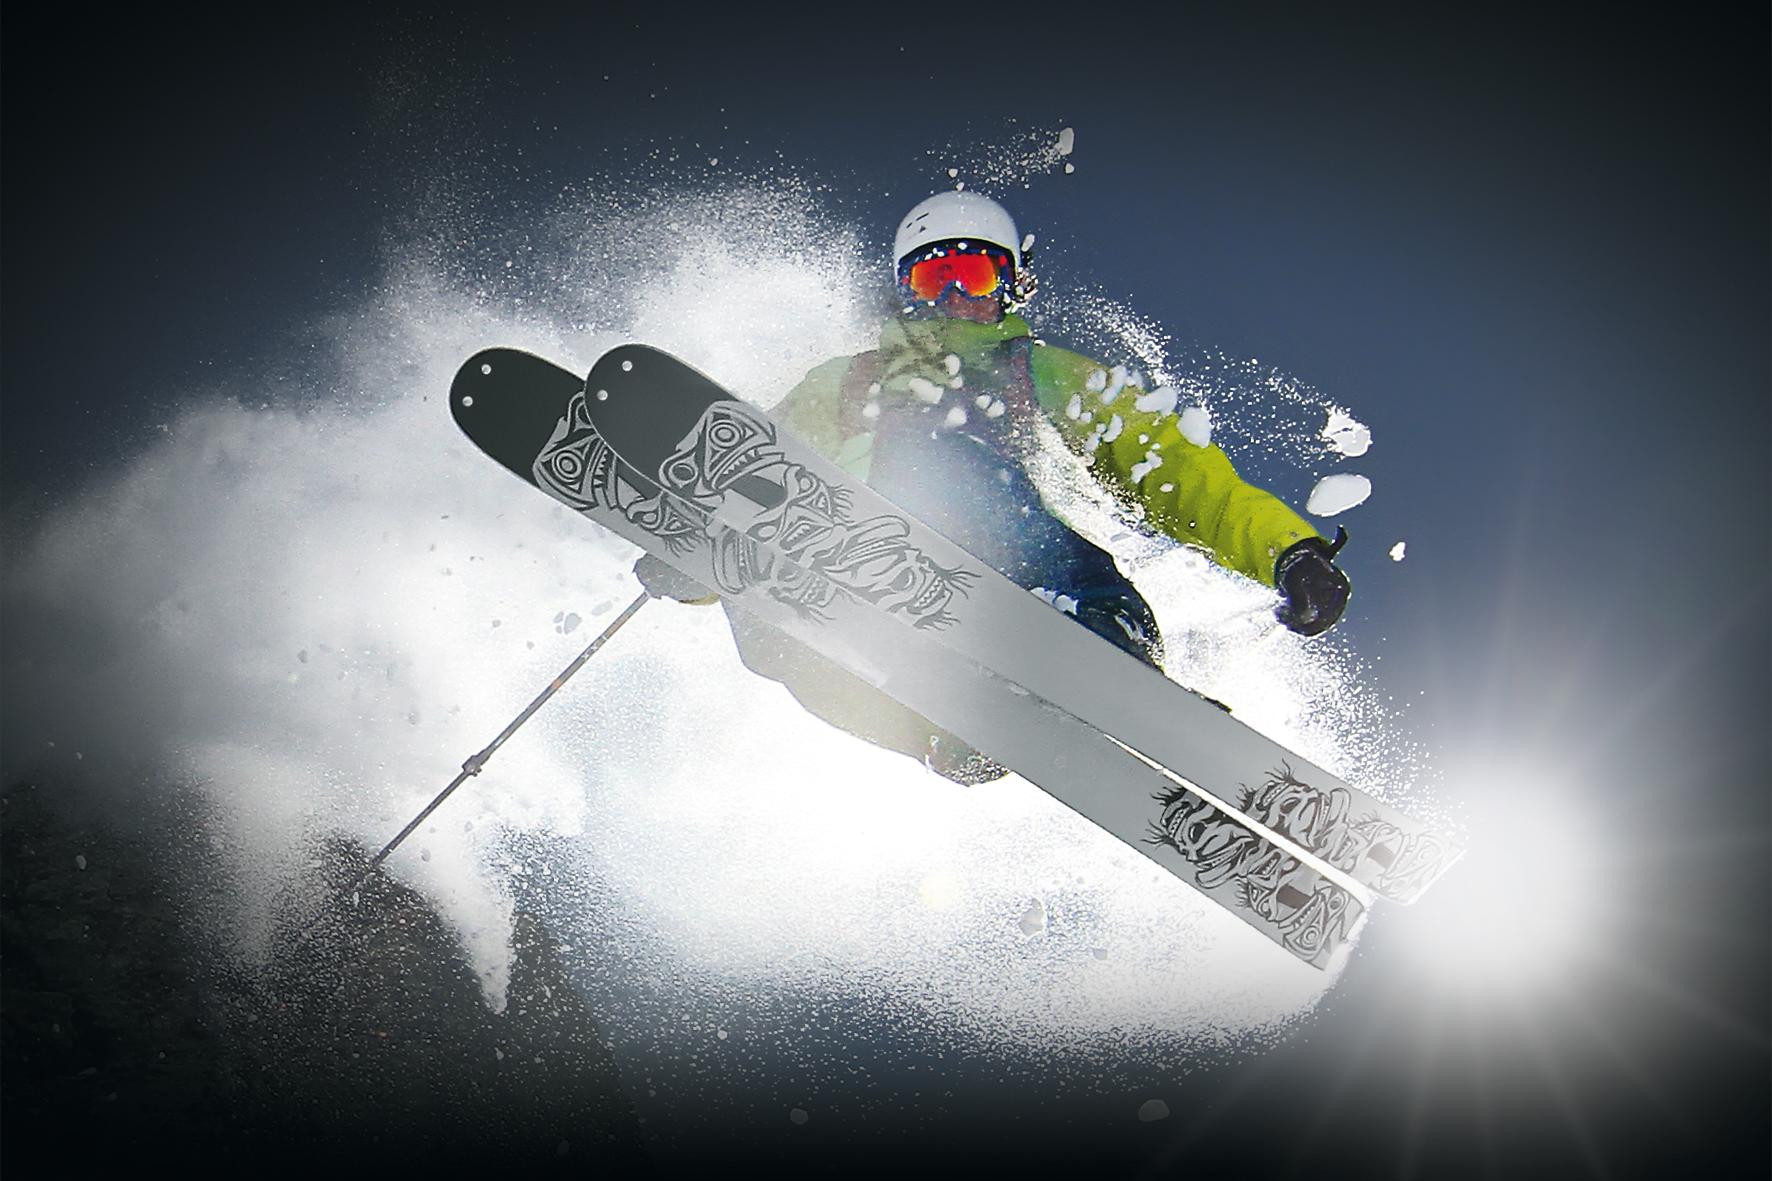 CEP_Ski_Alpin_15x10_300.jpg